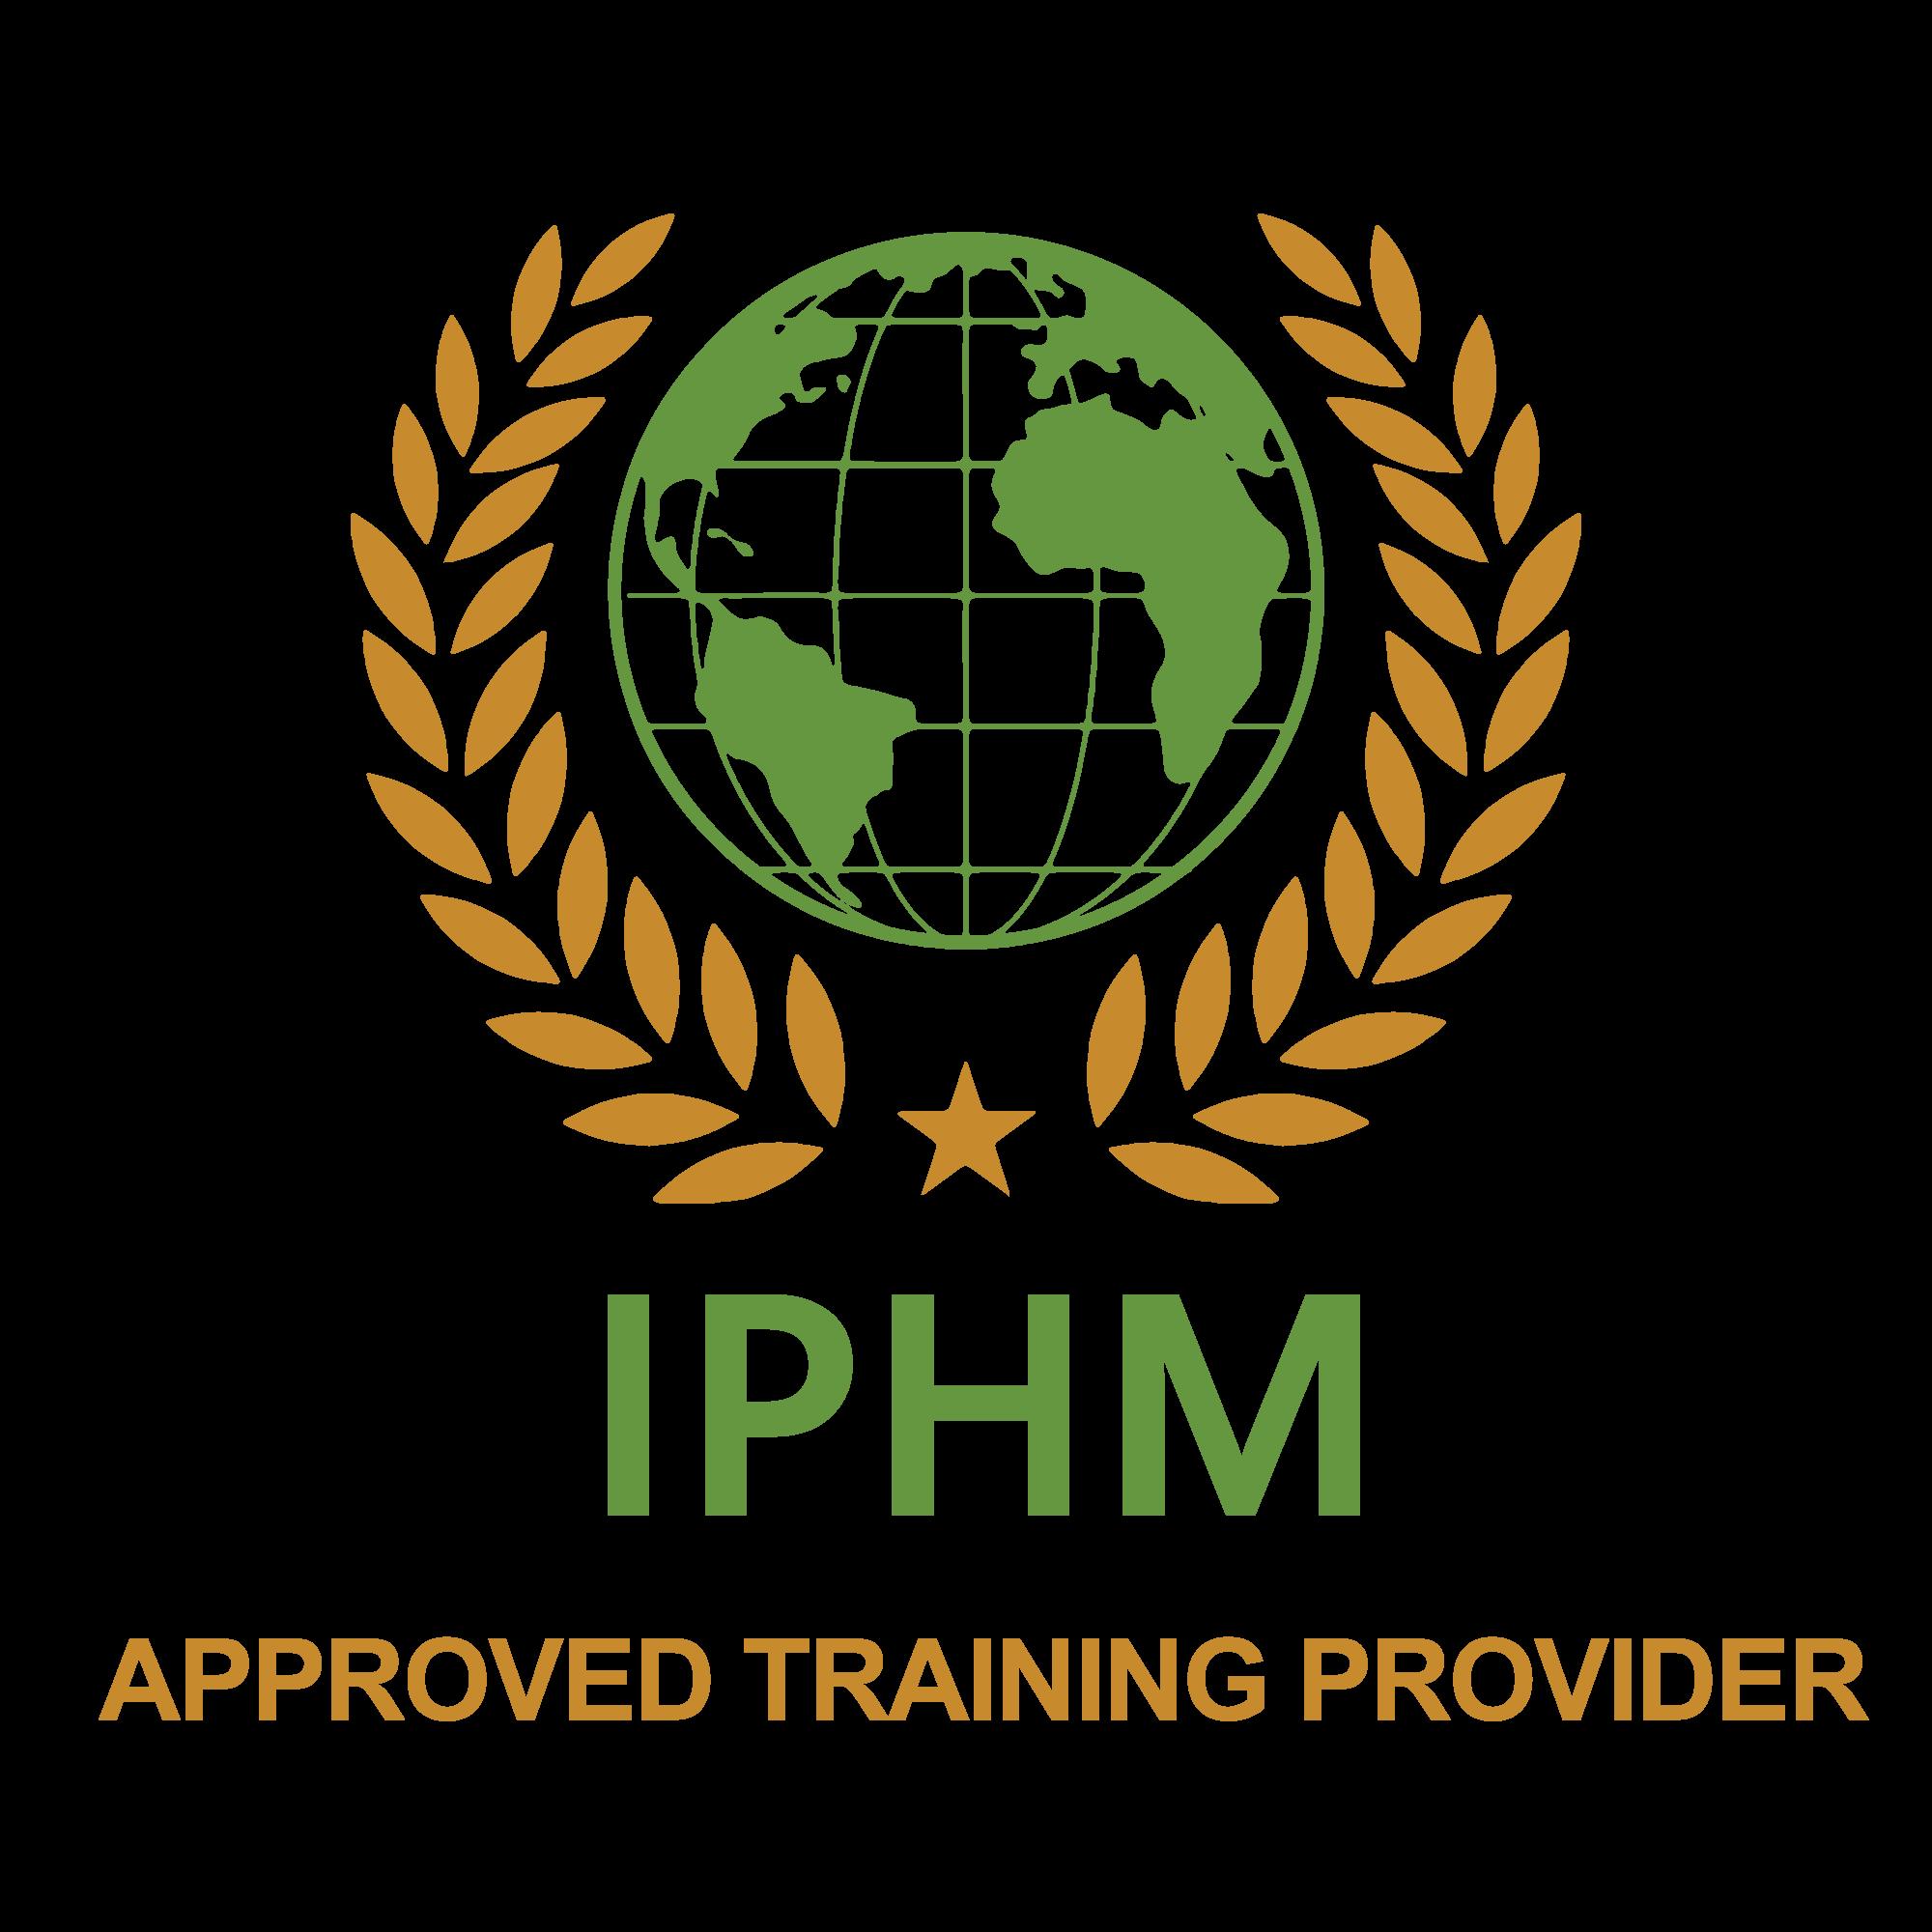 iphmlogo approved trainingprovider tr